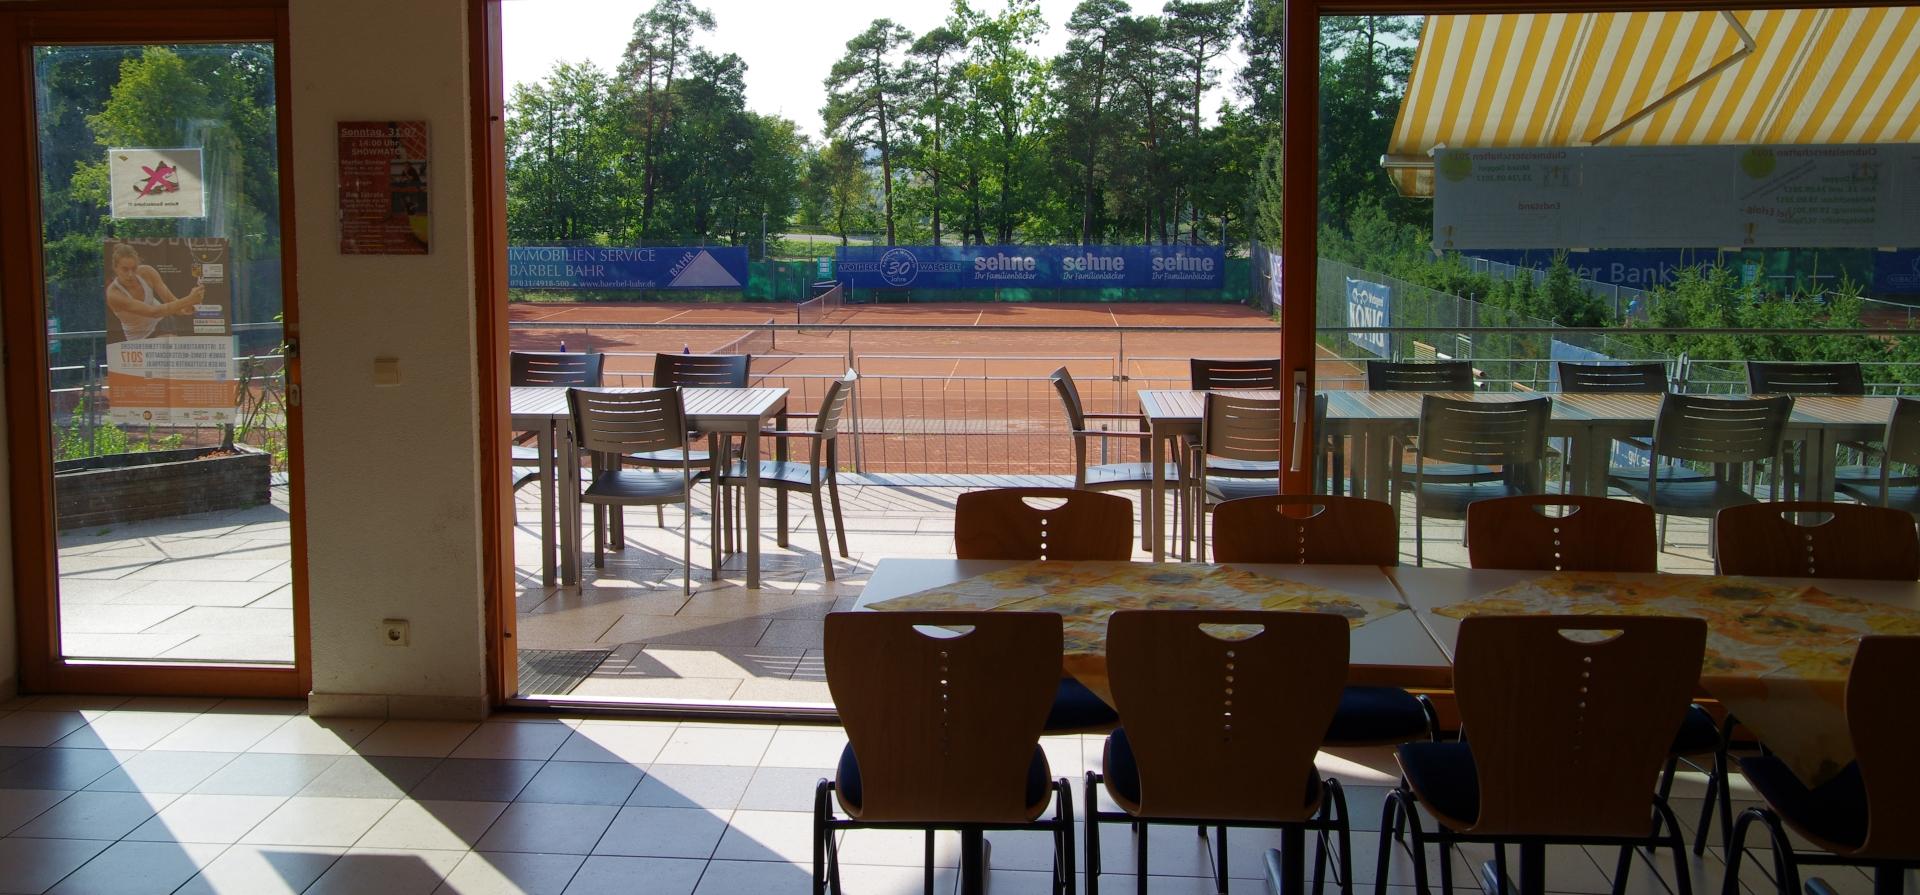 Tennis Ehningen - Club - Restaurant - Tennisclub Ehningen